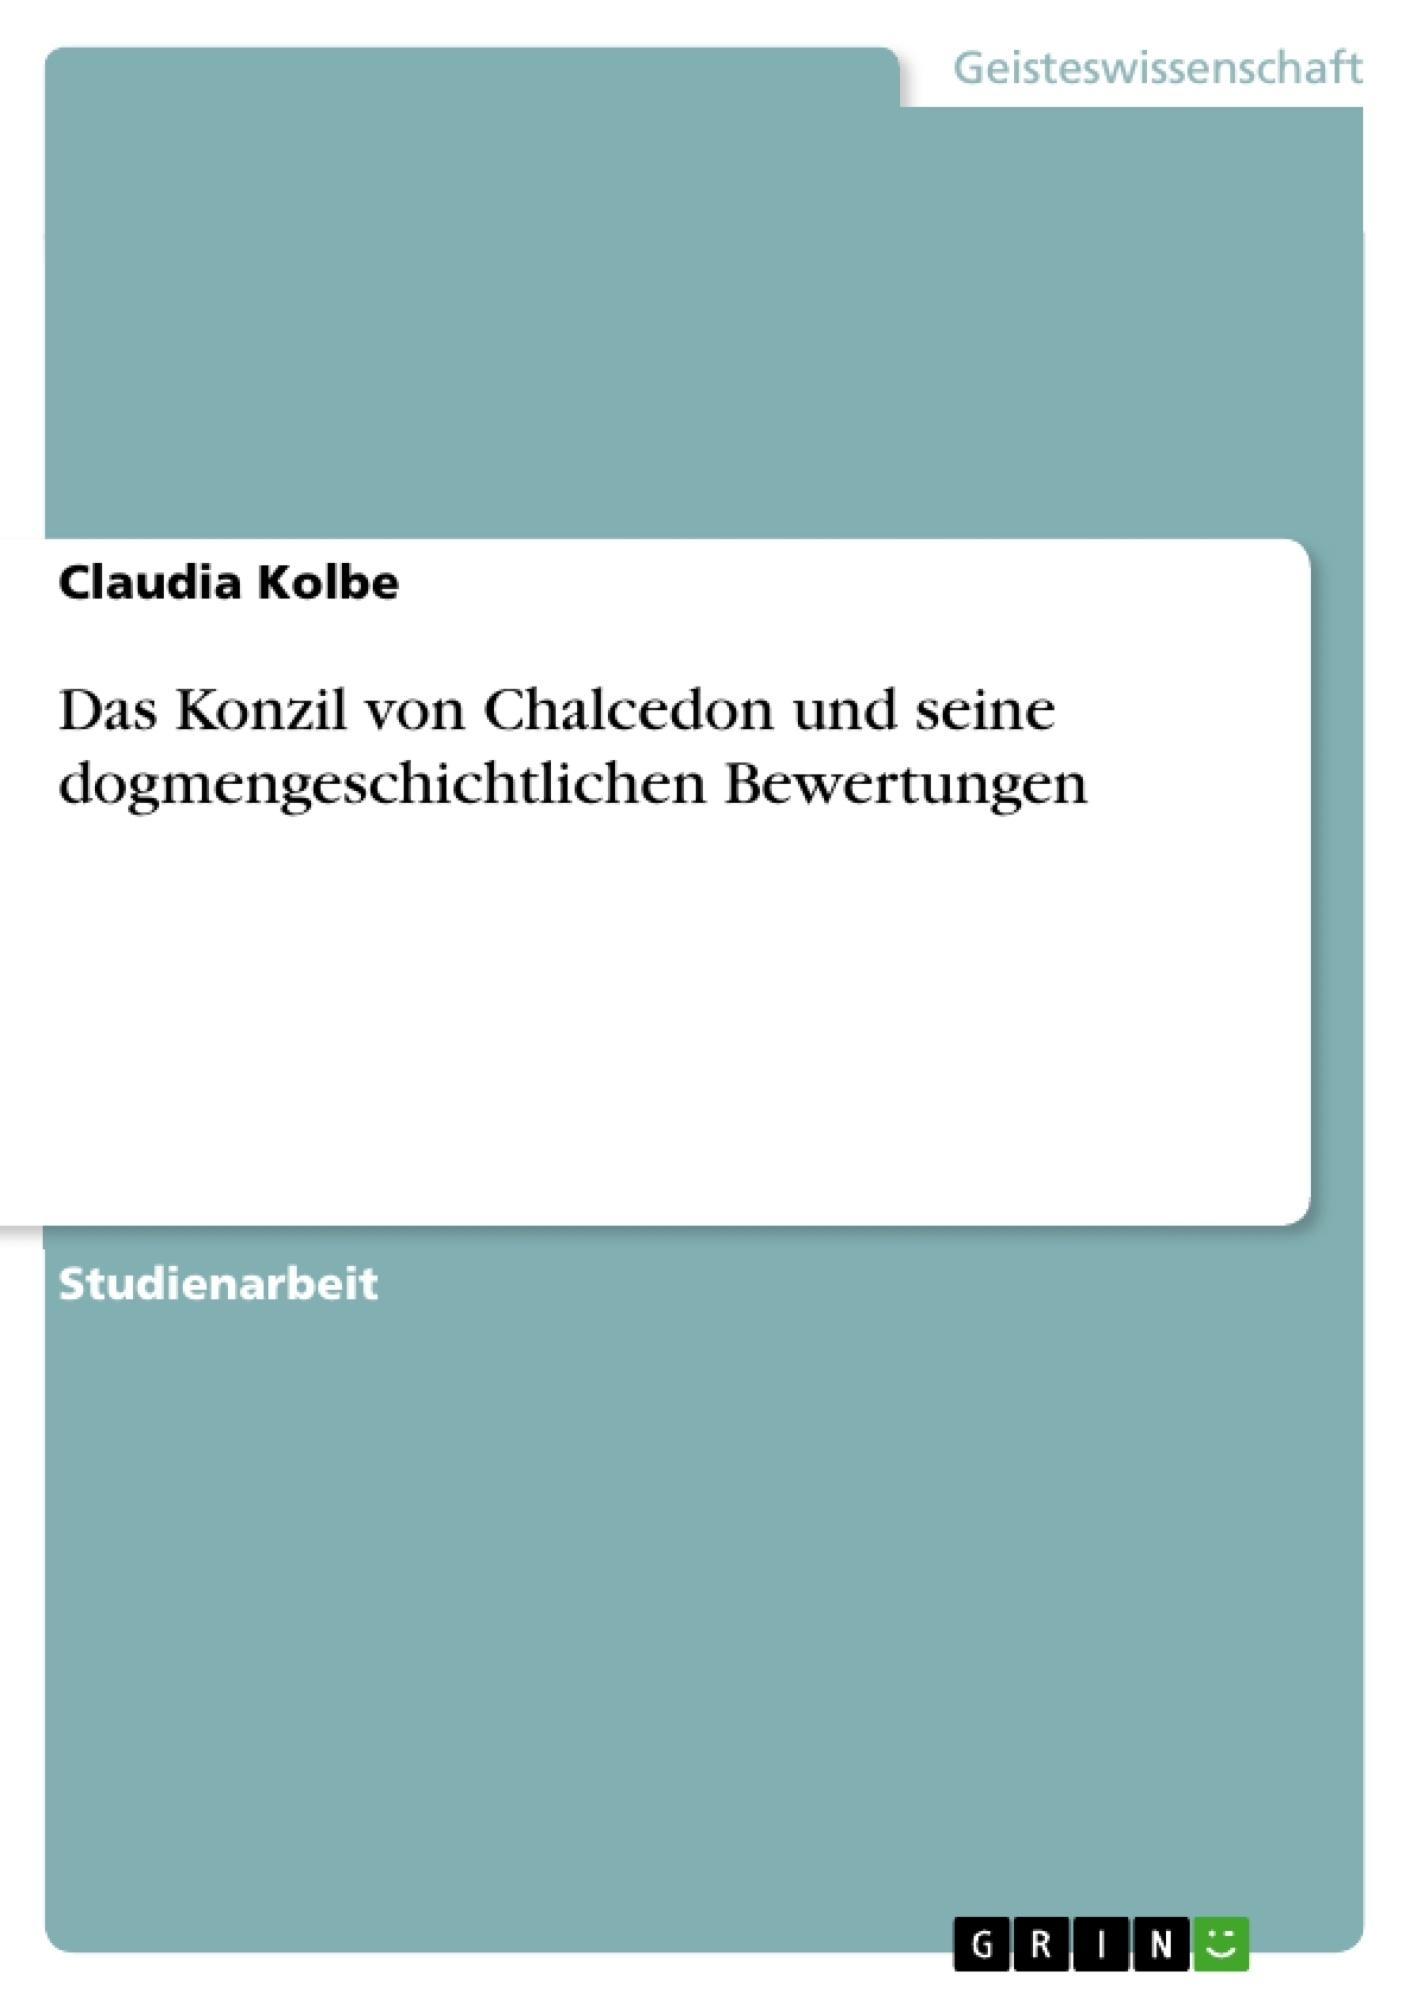 Titel: Das Konzil von Chalcedon und seine dogmengeschichtlichen Bewertungen